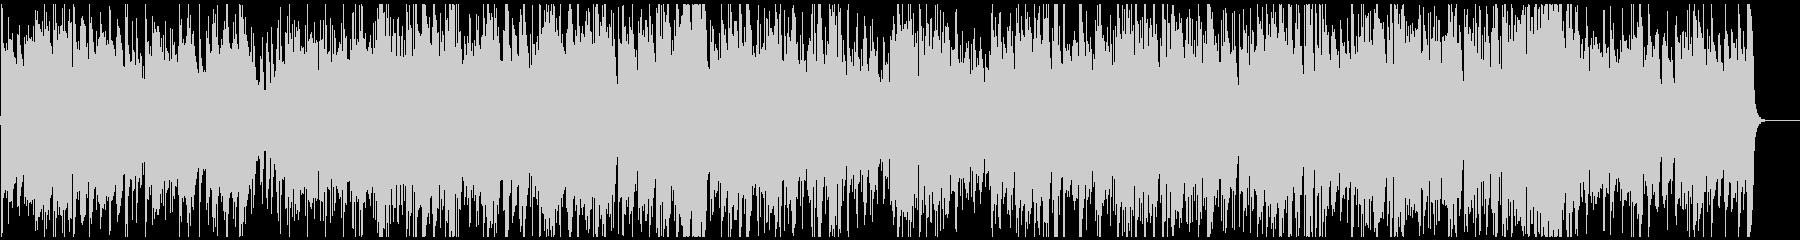 アップテンポなインテリ系ジャズボサノバの未再生の波形